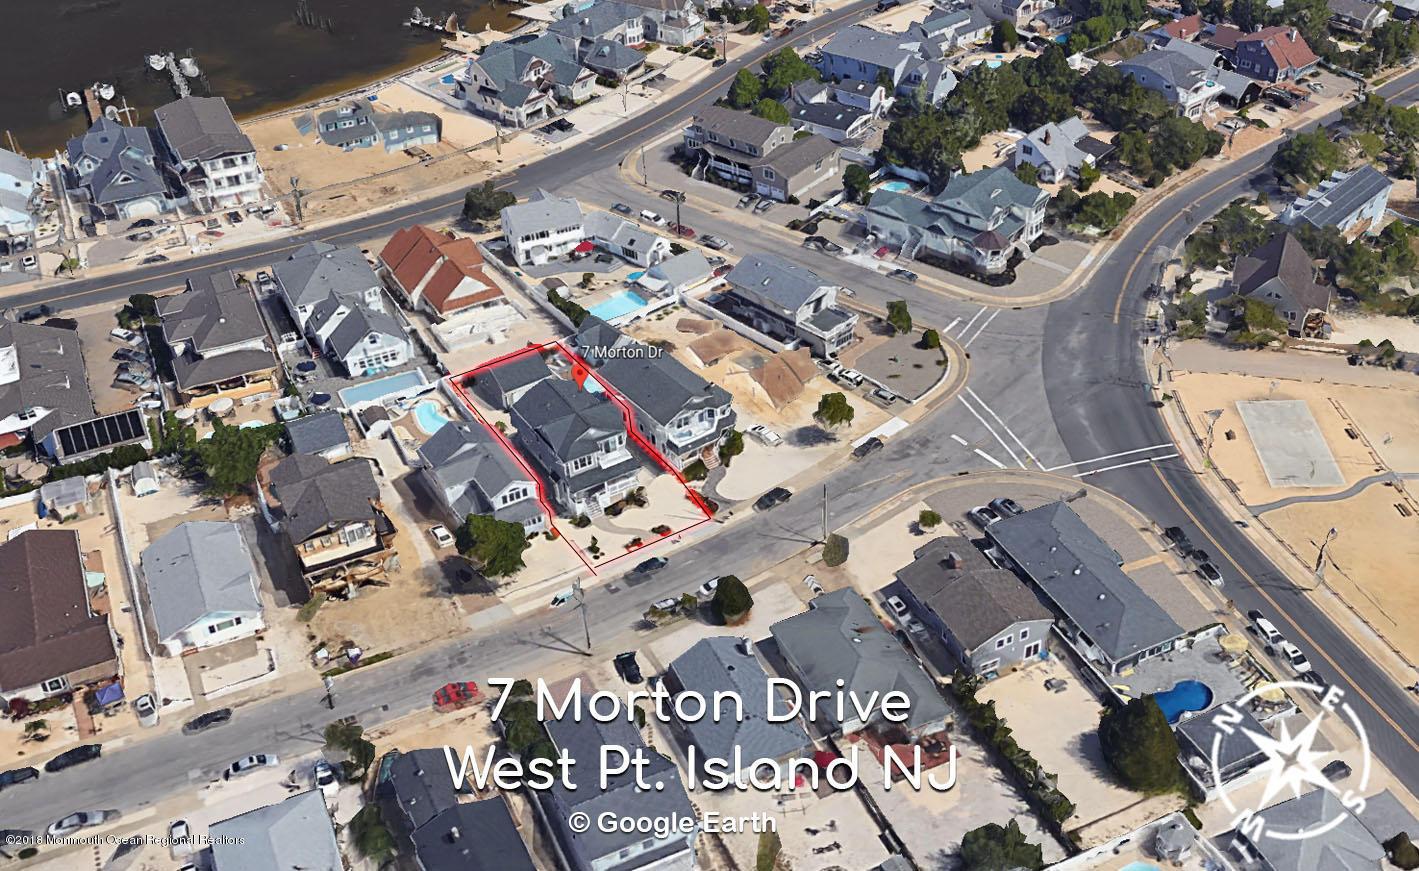 7  Morton Drive - Picture 2